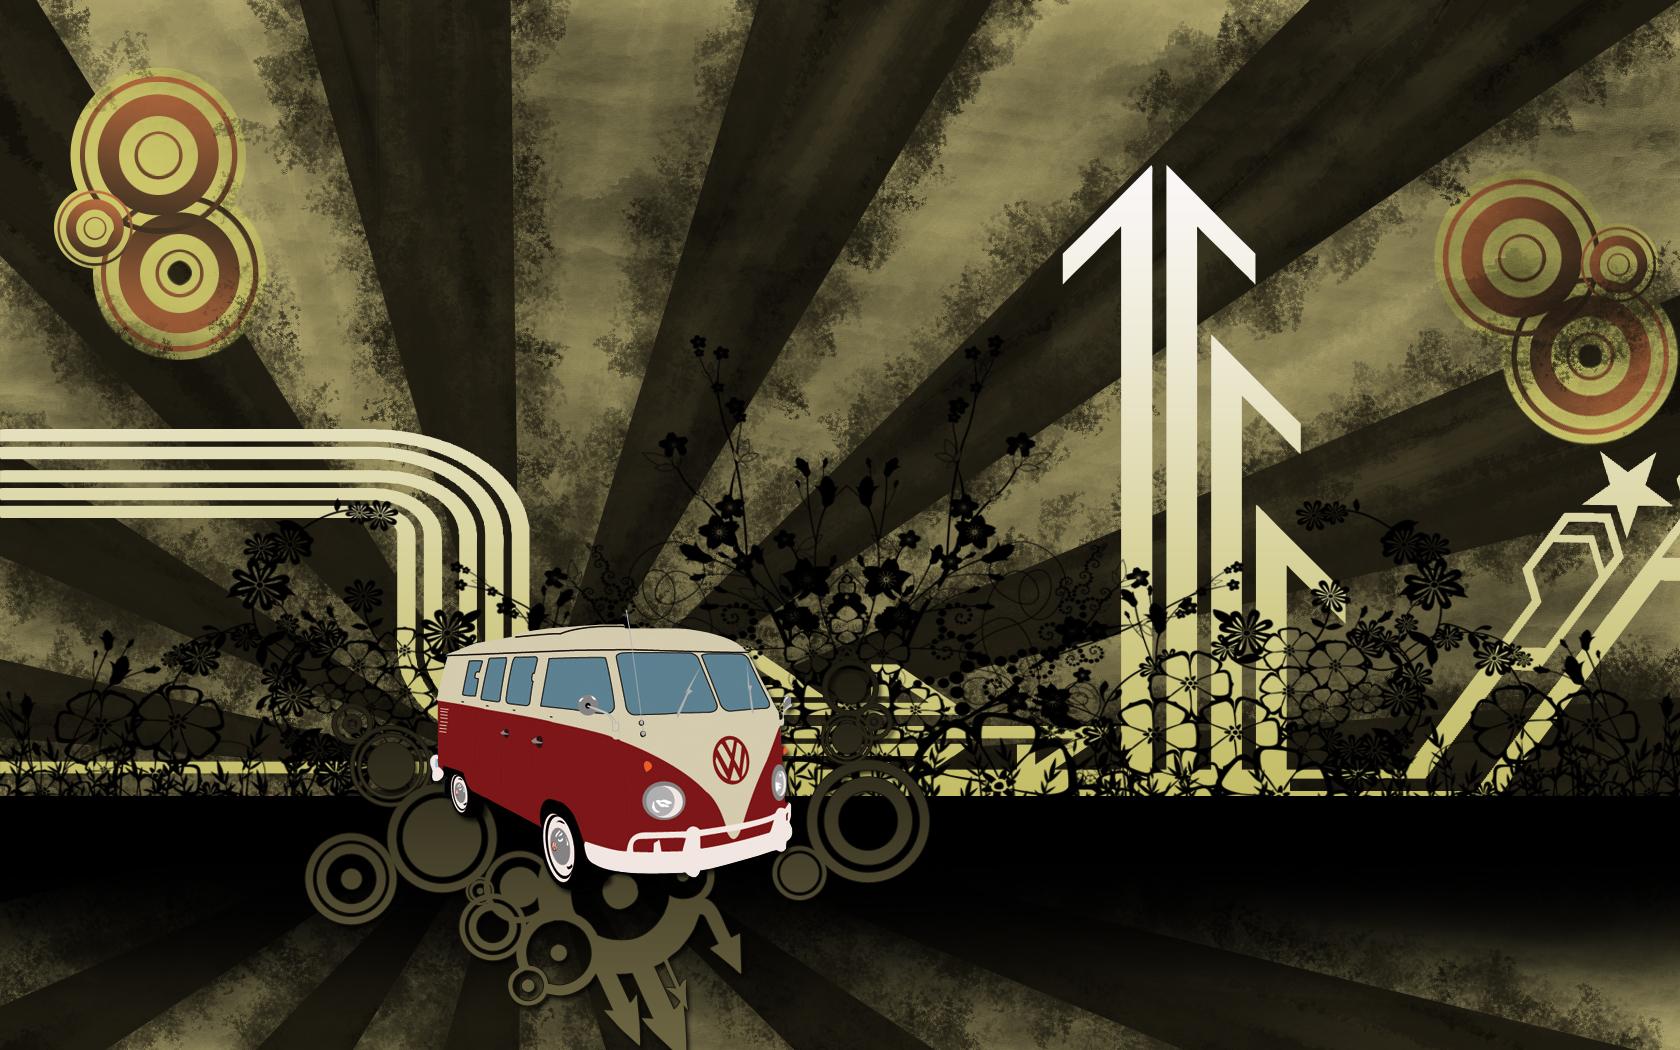 Retro volkswagen vector by MiCiA-DeSign